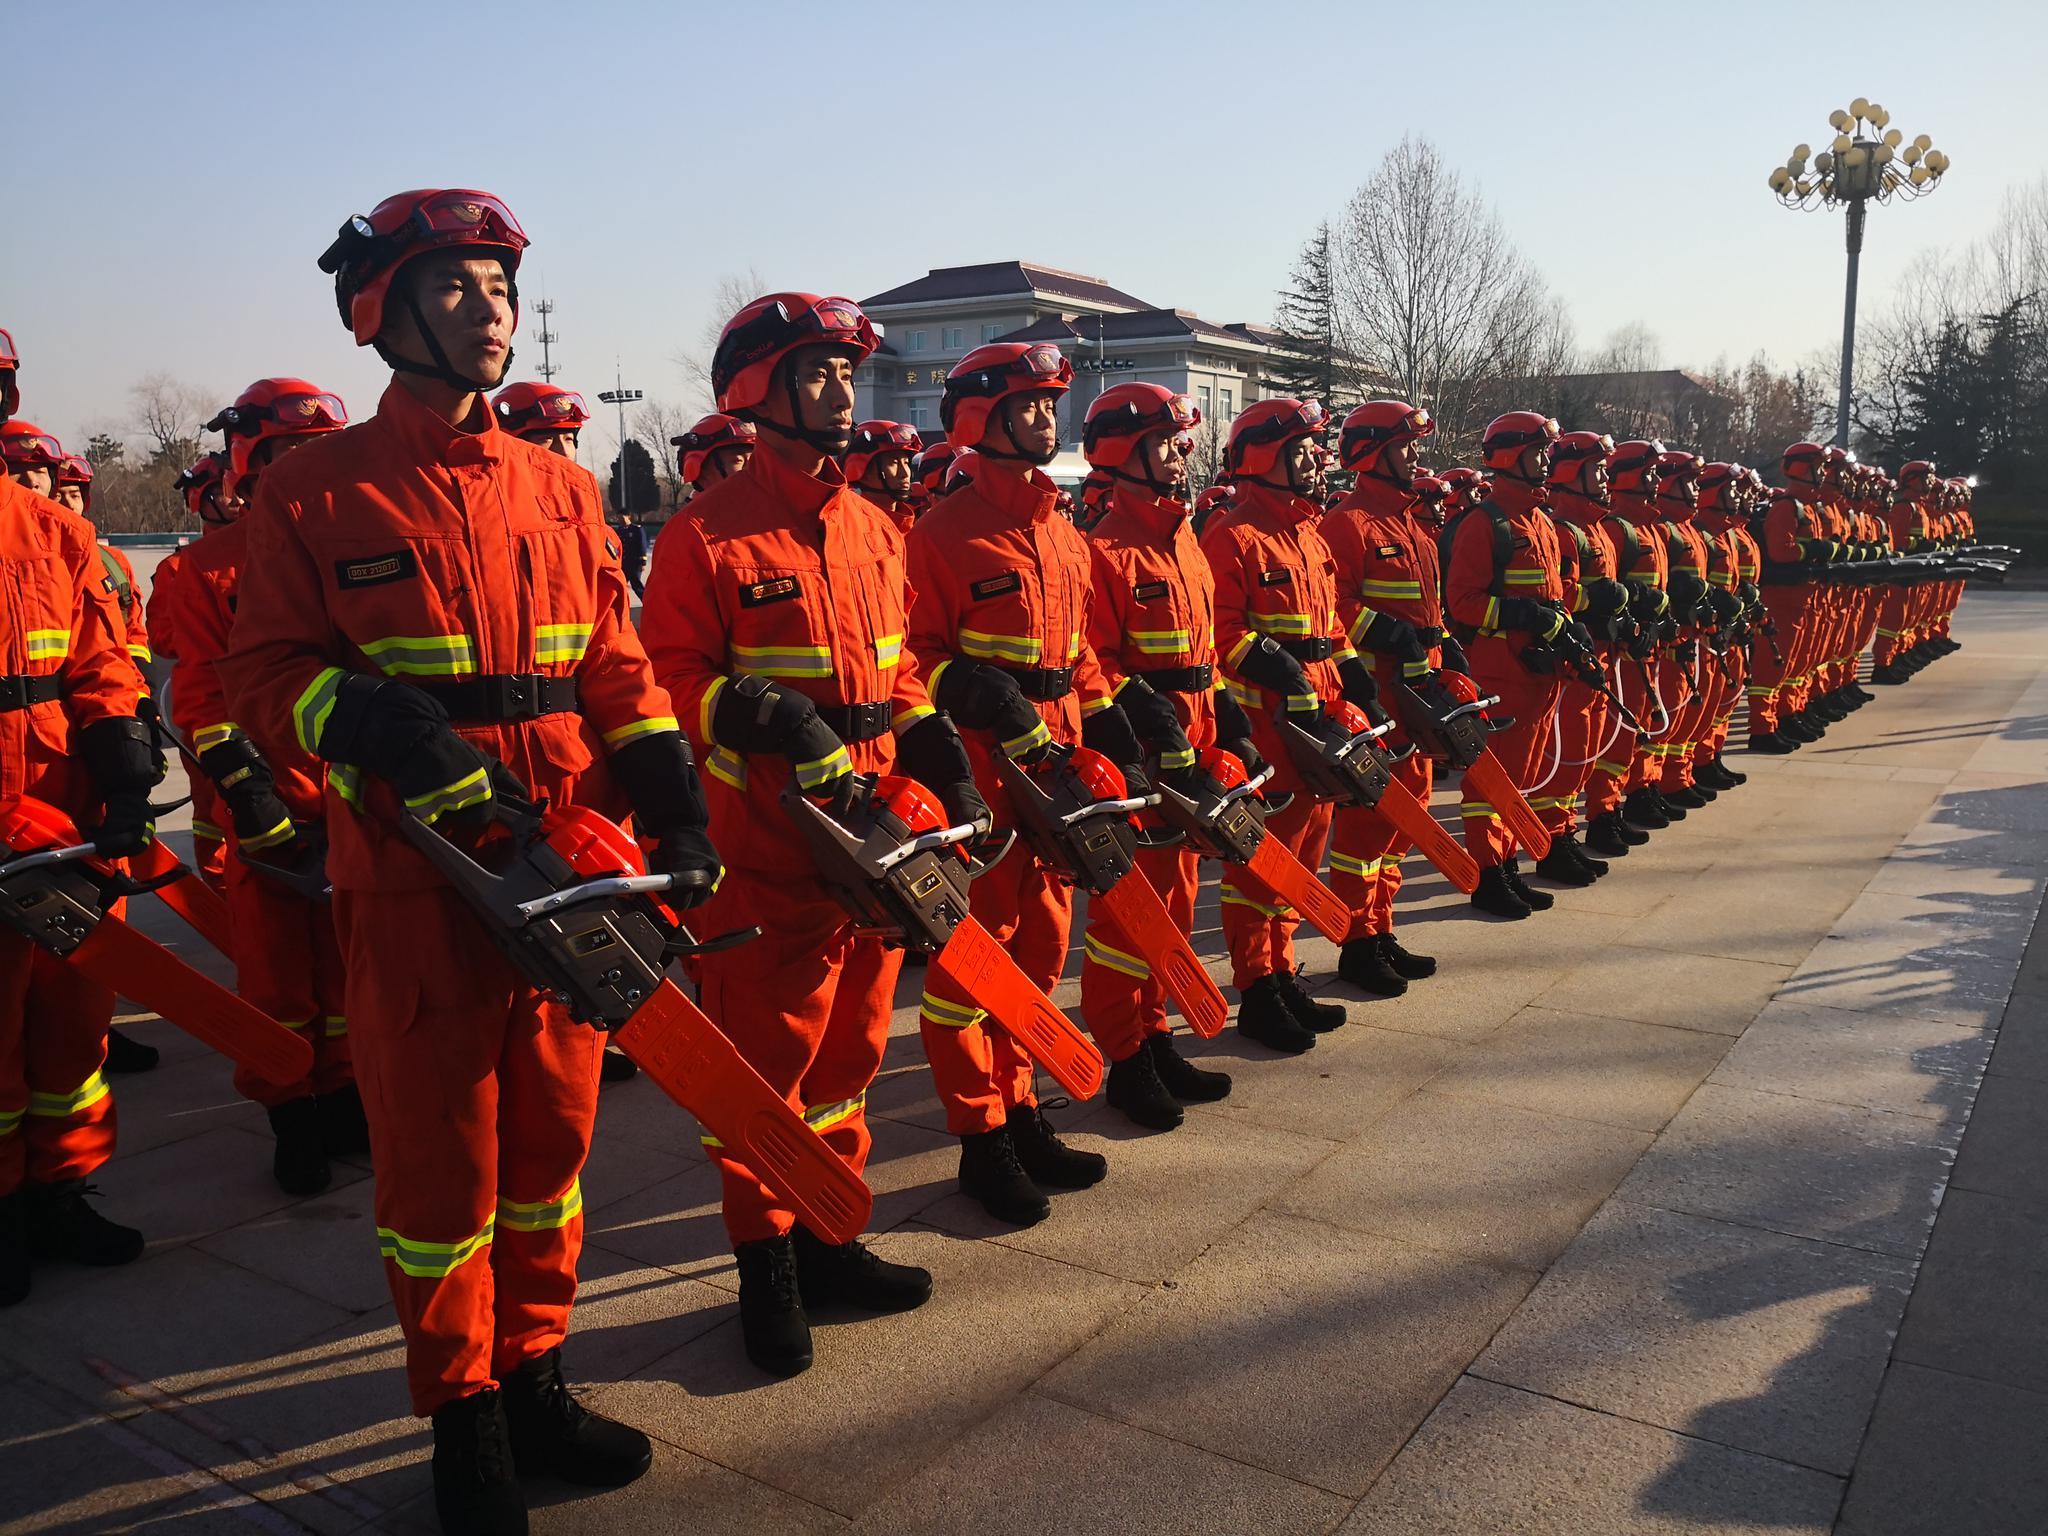 北京應急救援實訓基地掛牌成立,將用于培訓演練比武